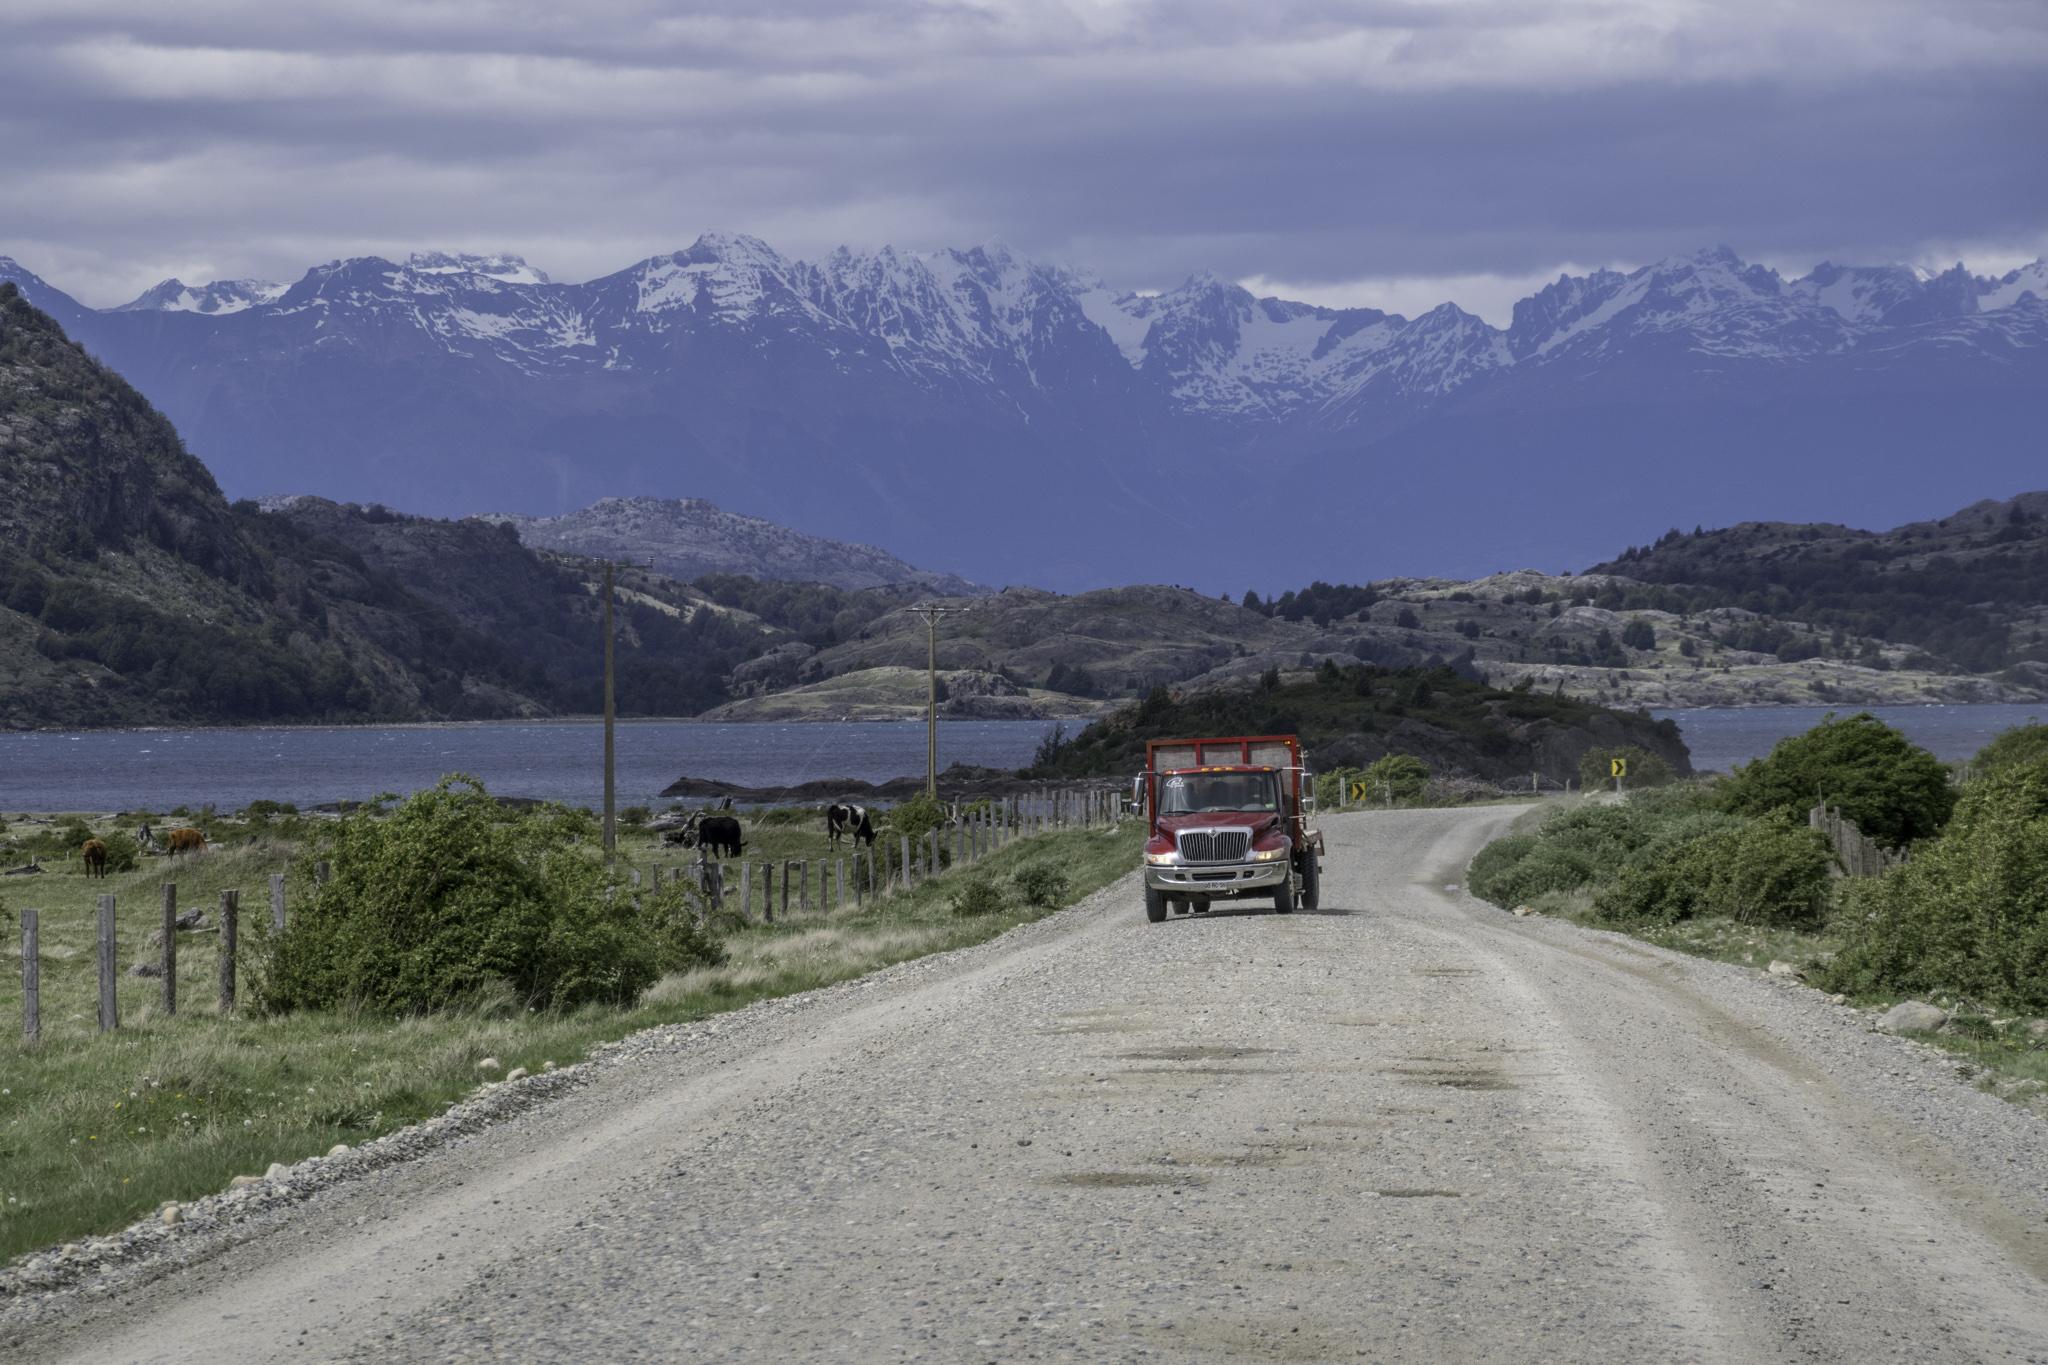 Spektakuläre Strasse durch die Wildnis Patagoniens